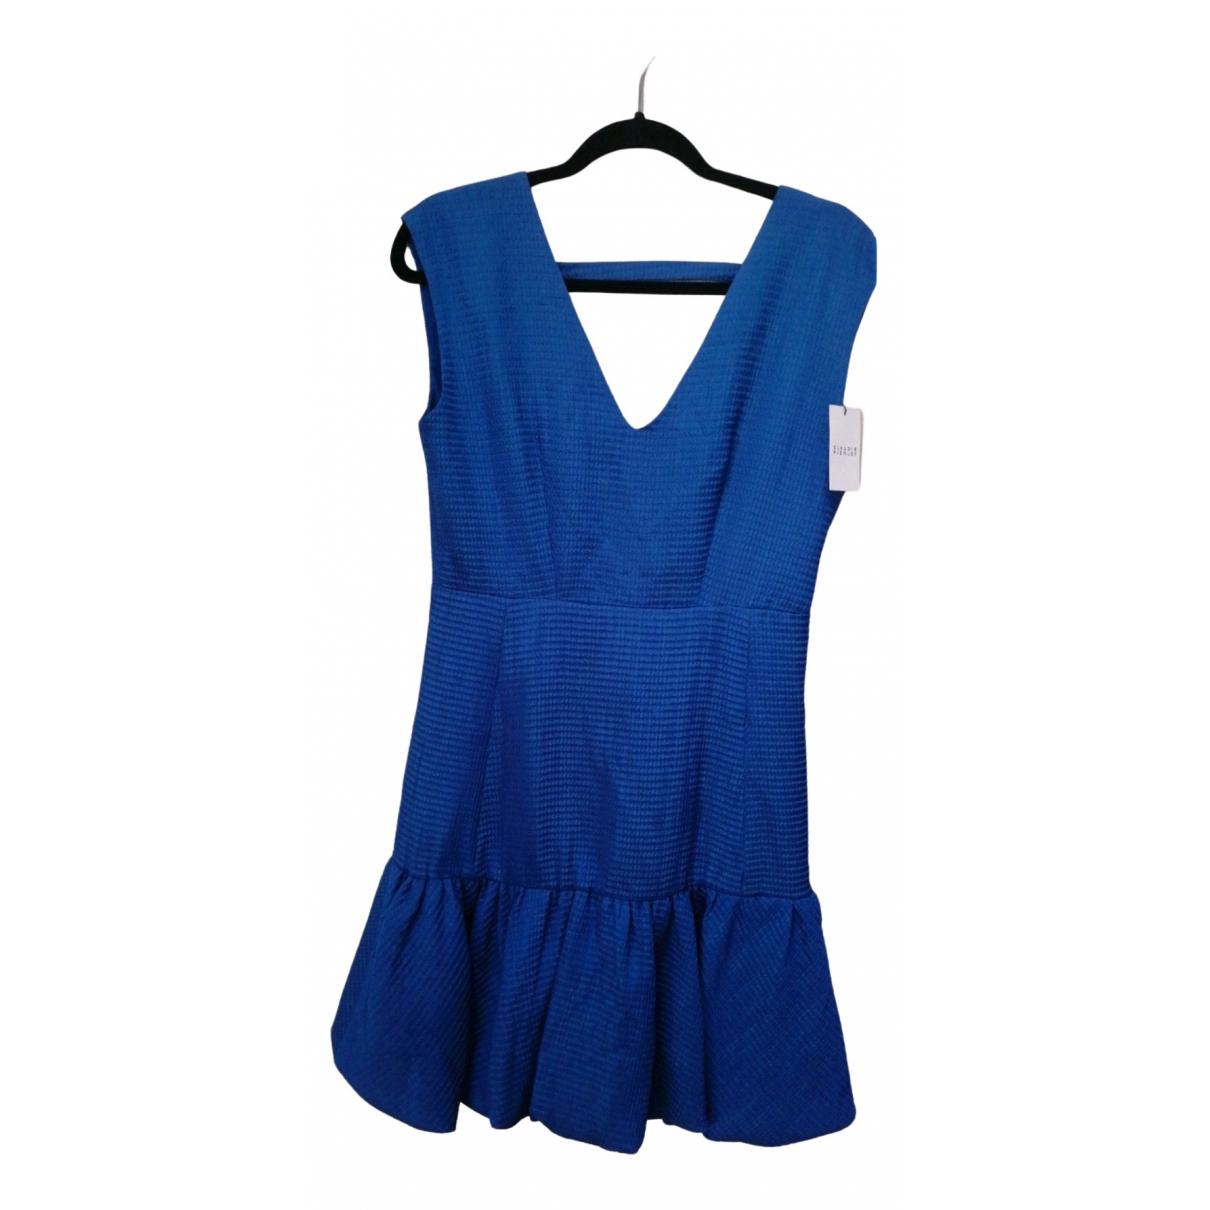 Claudie Pierlot \N Blue Cotton dress for Women 38 FR